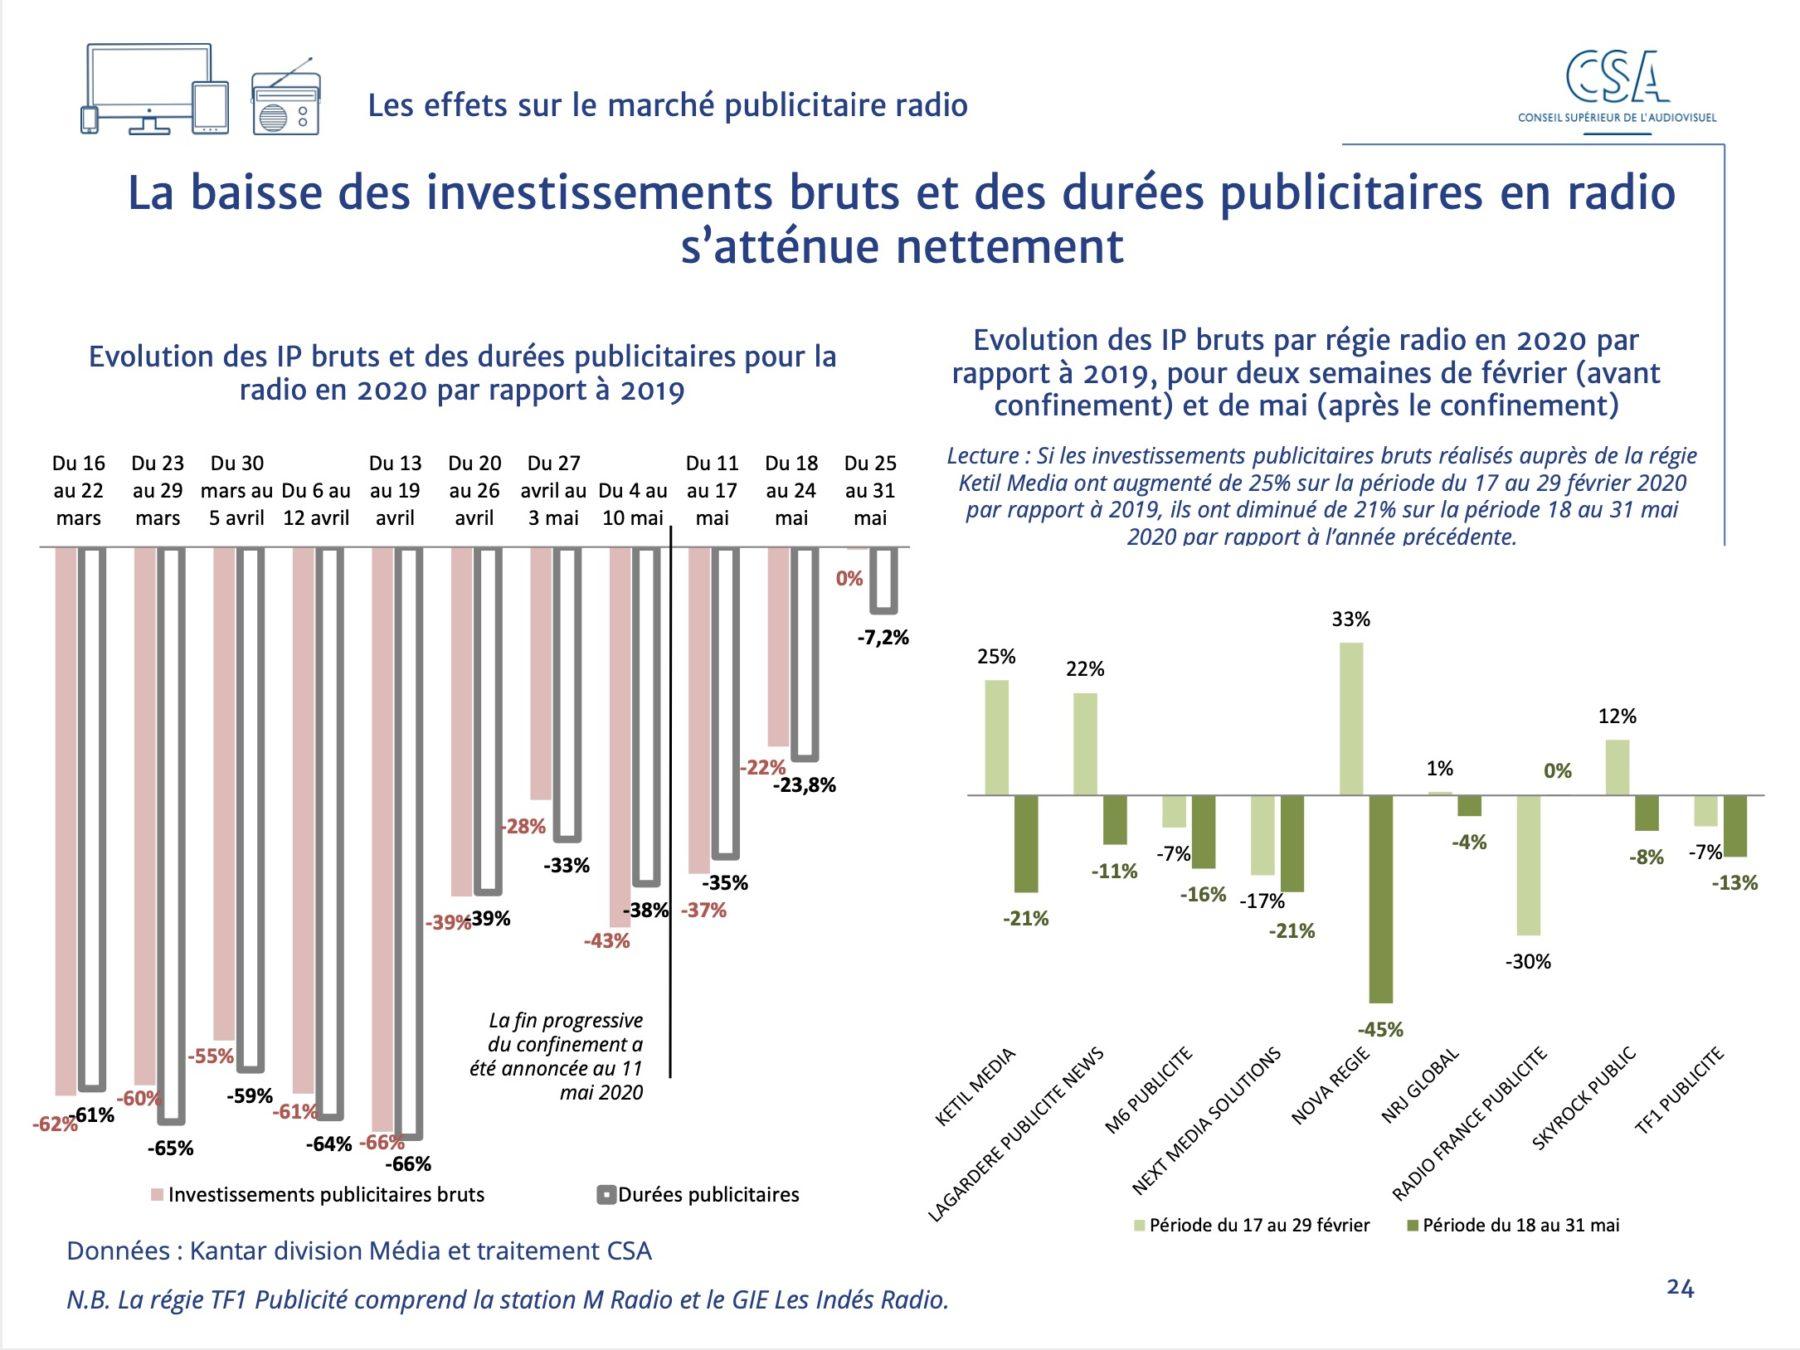 Panaorama_CSA_Investissements_radio_06.2020